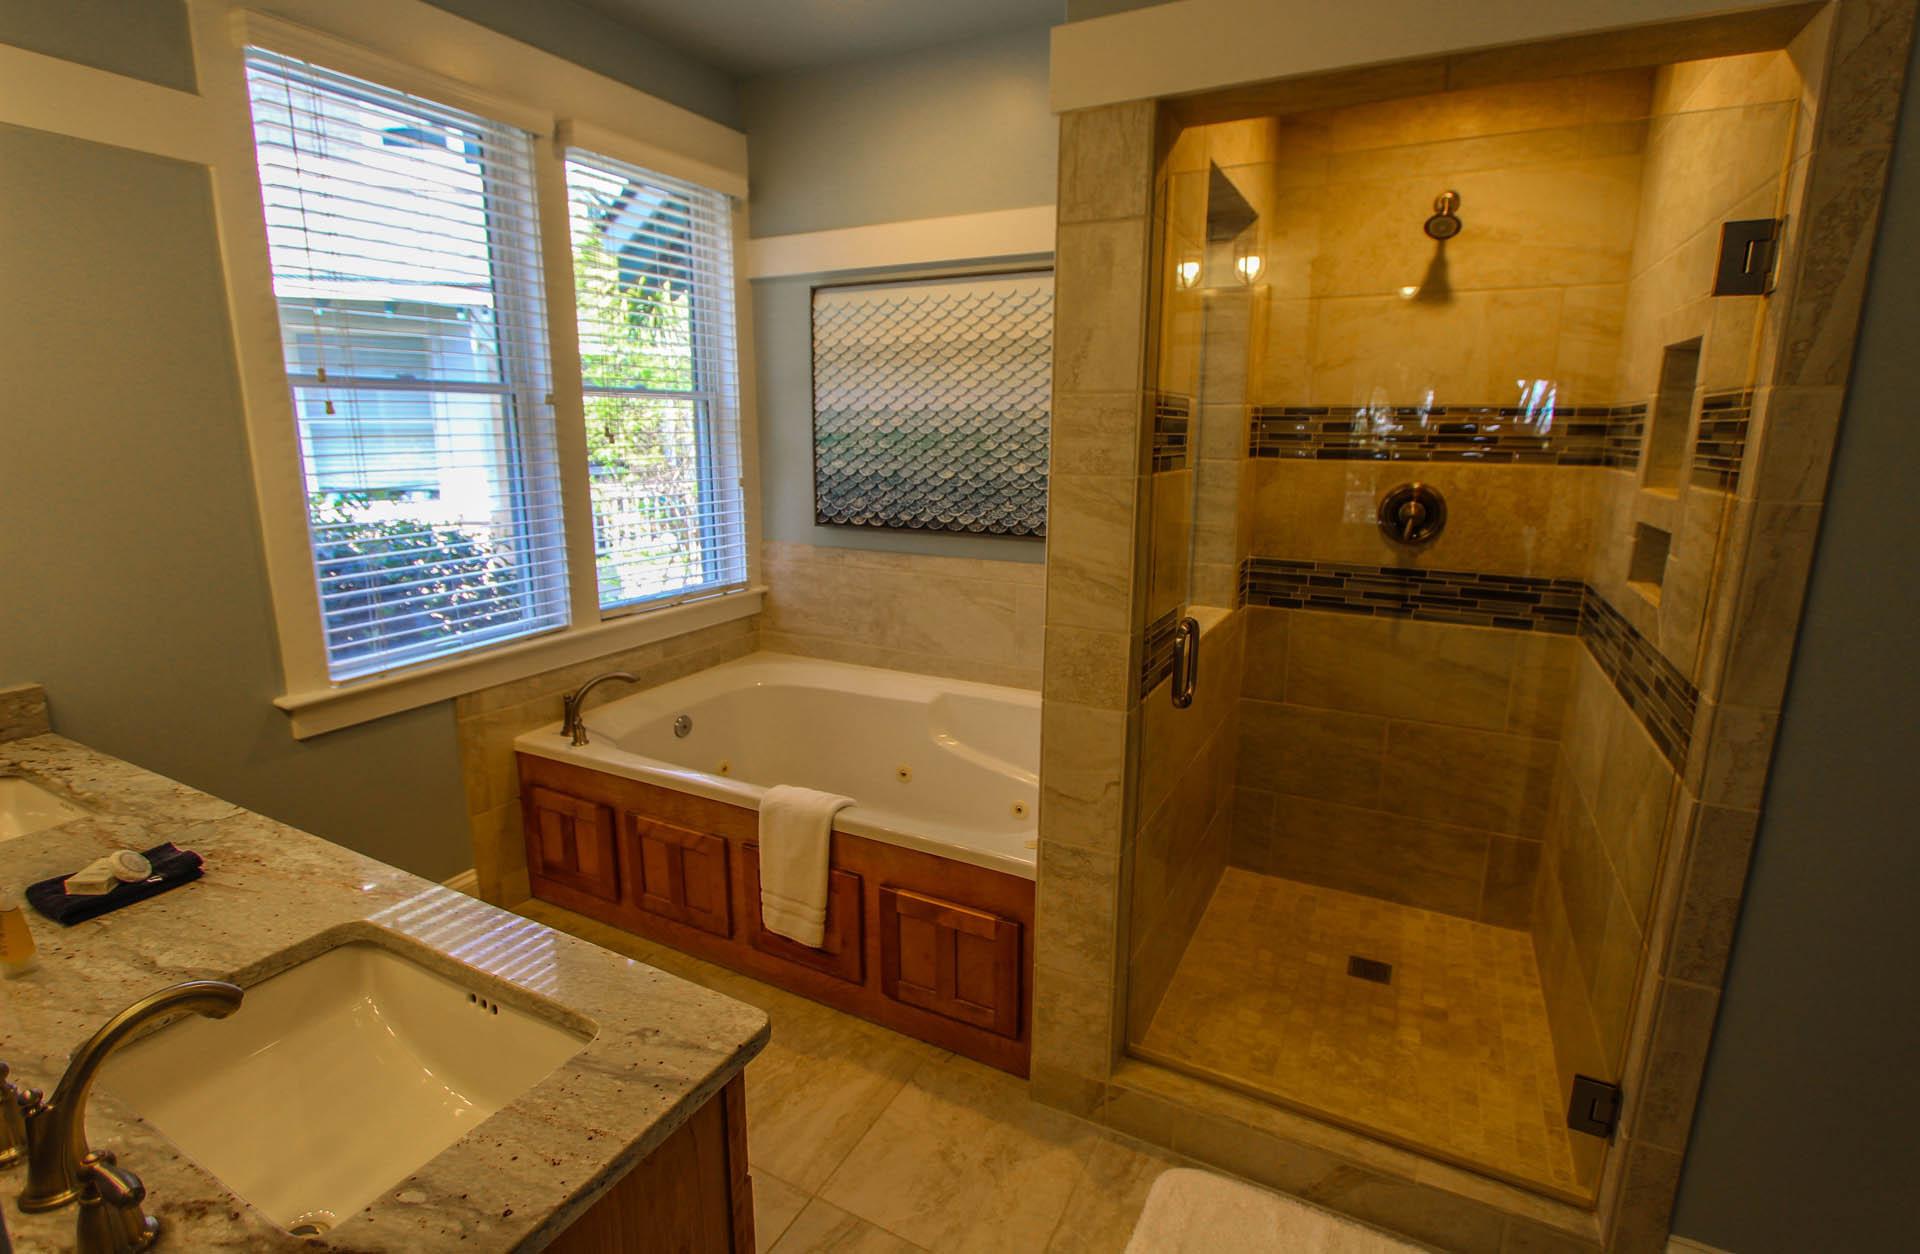 The Hammocks Bald Head Island Bathroom